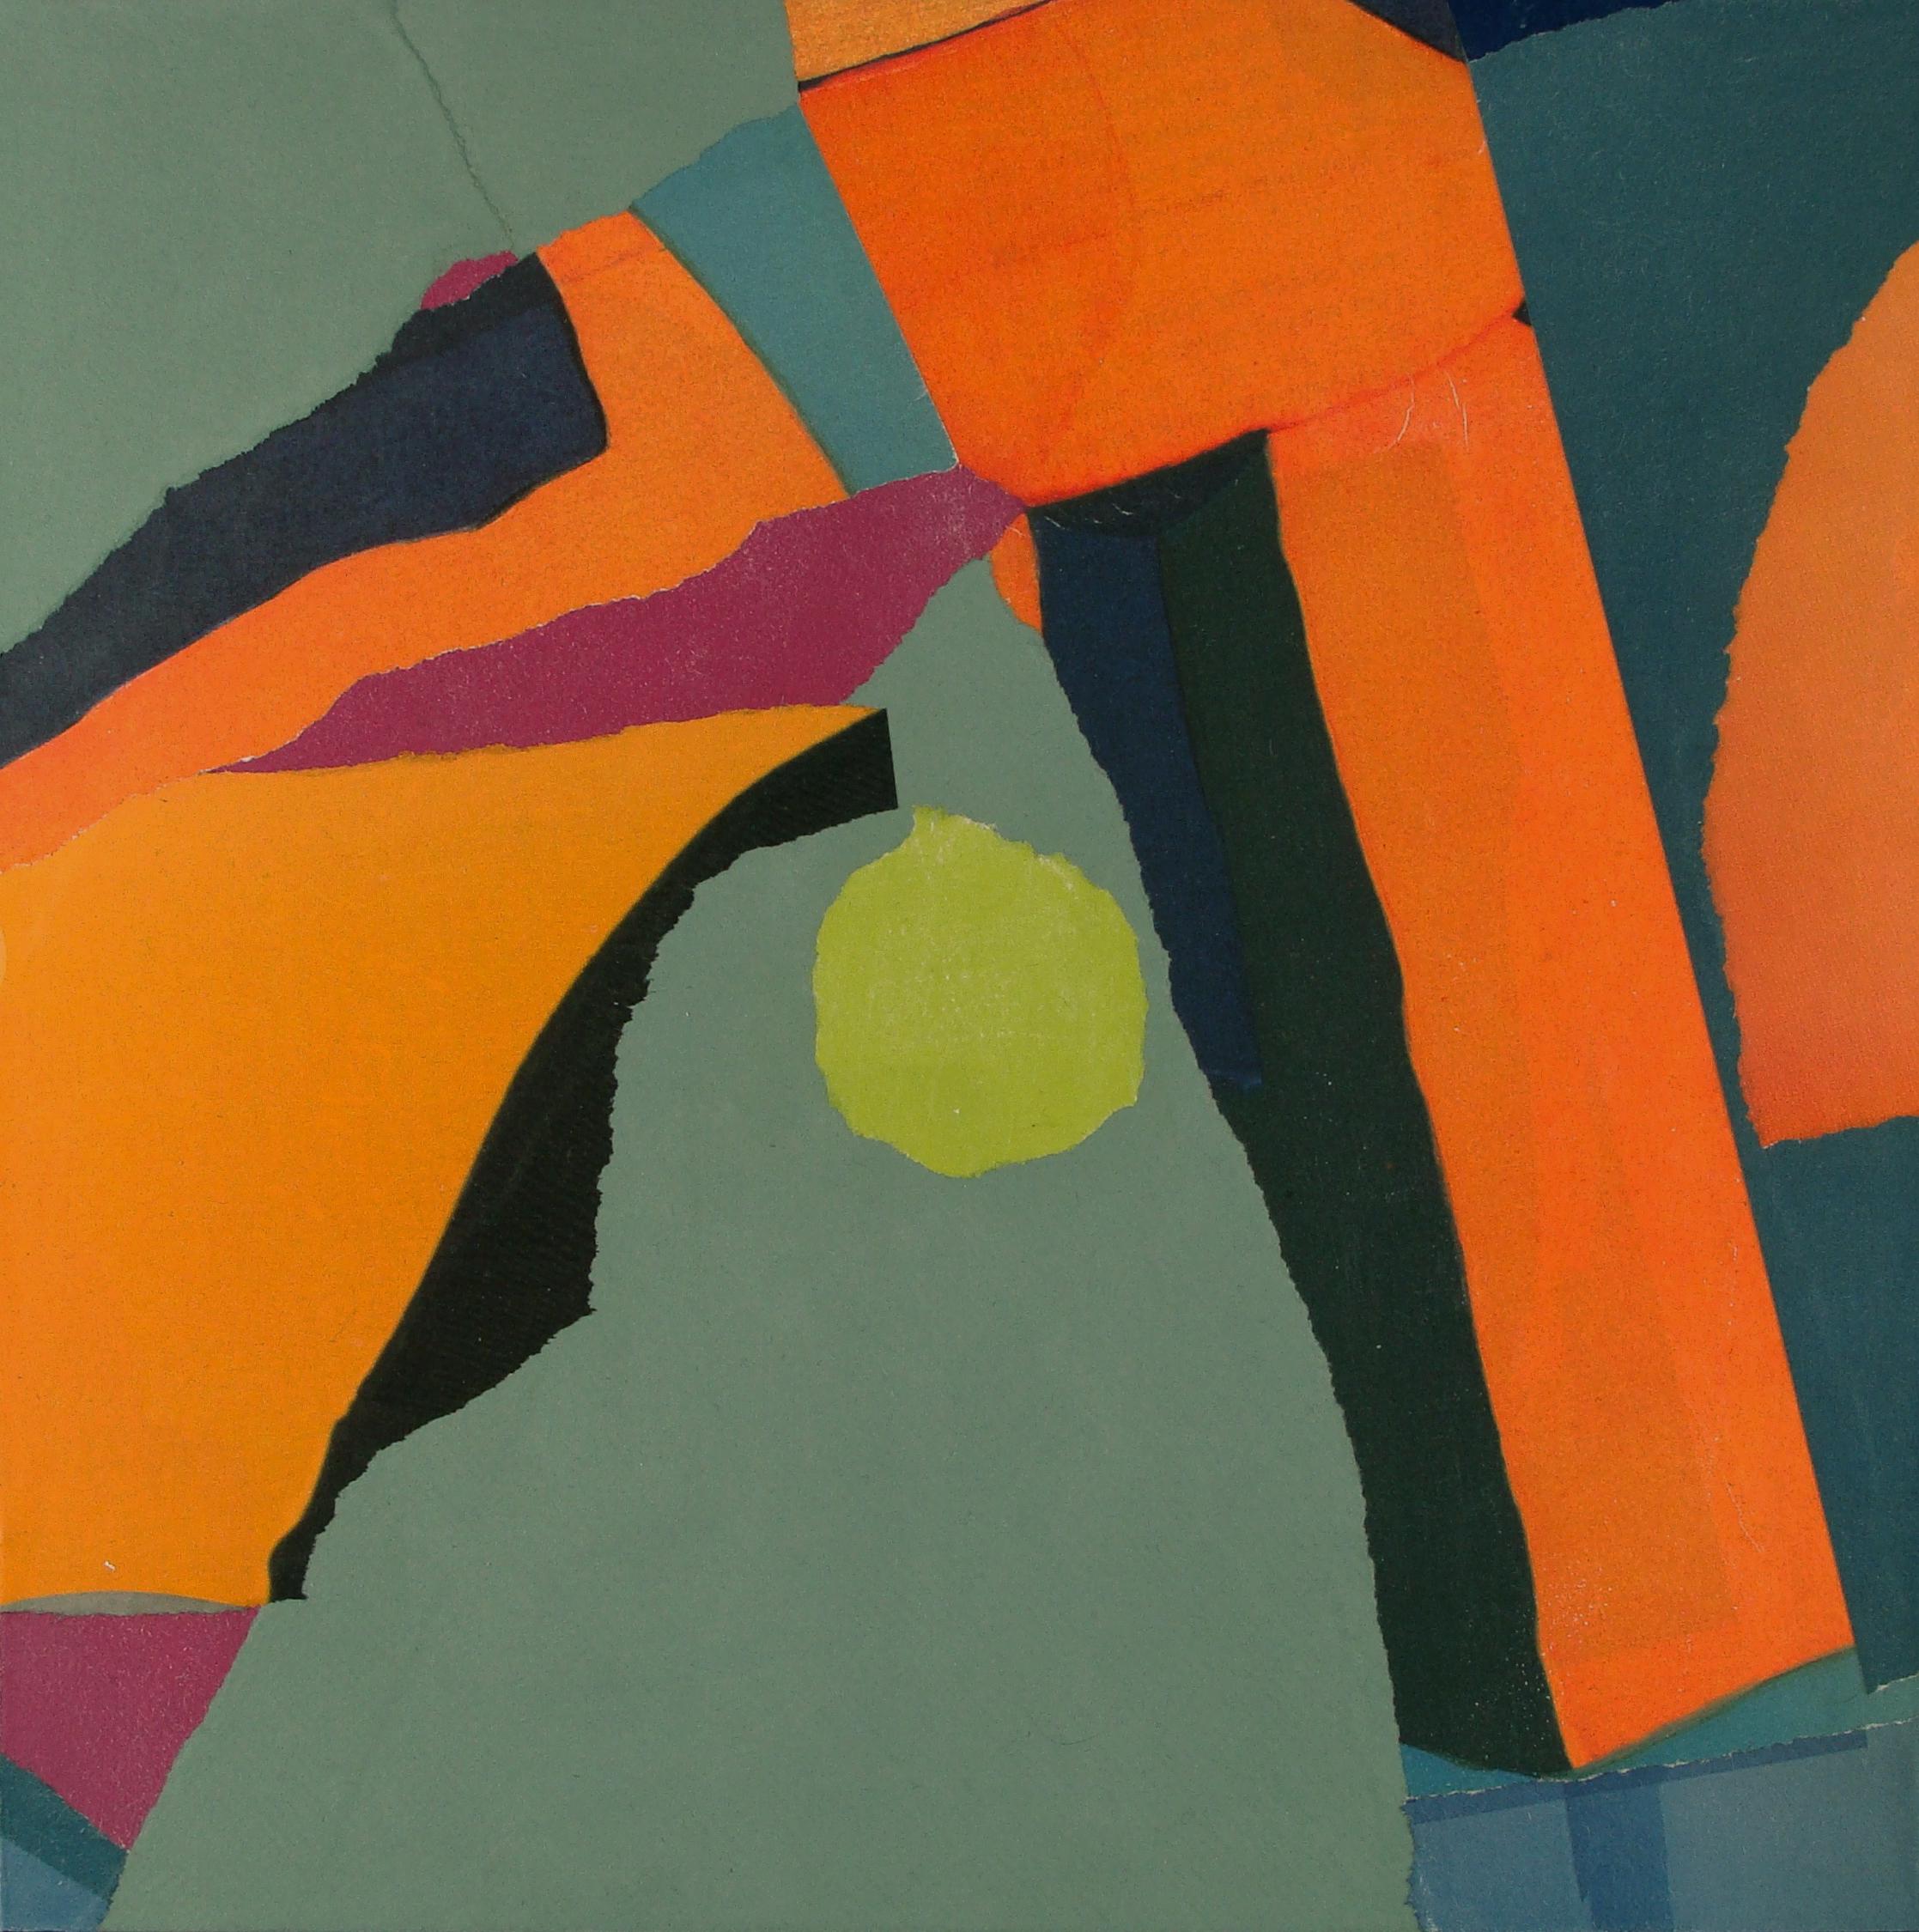 Concave, collage